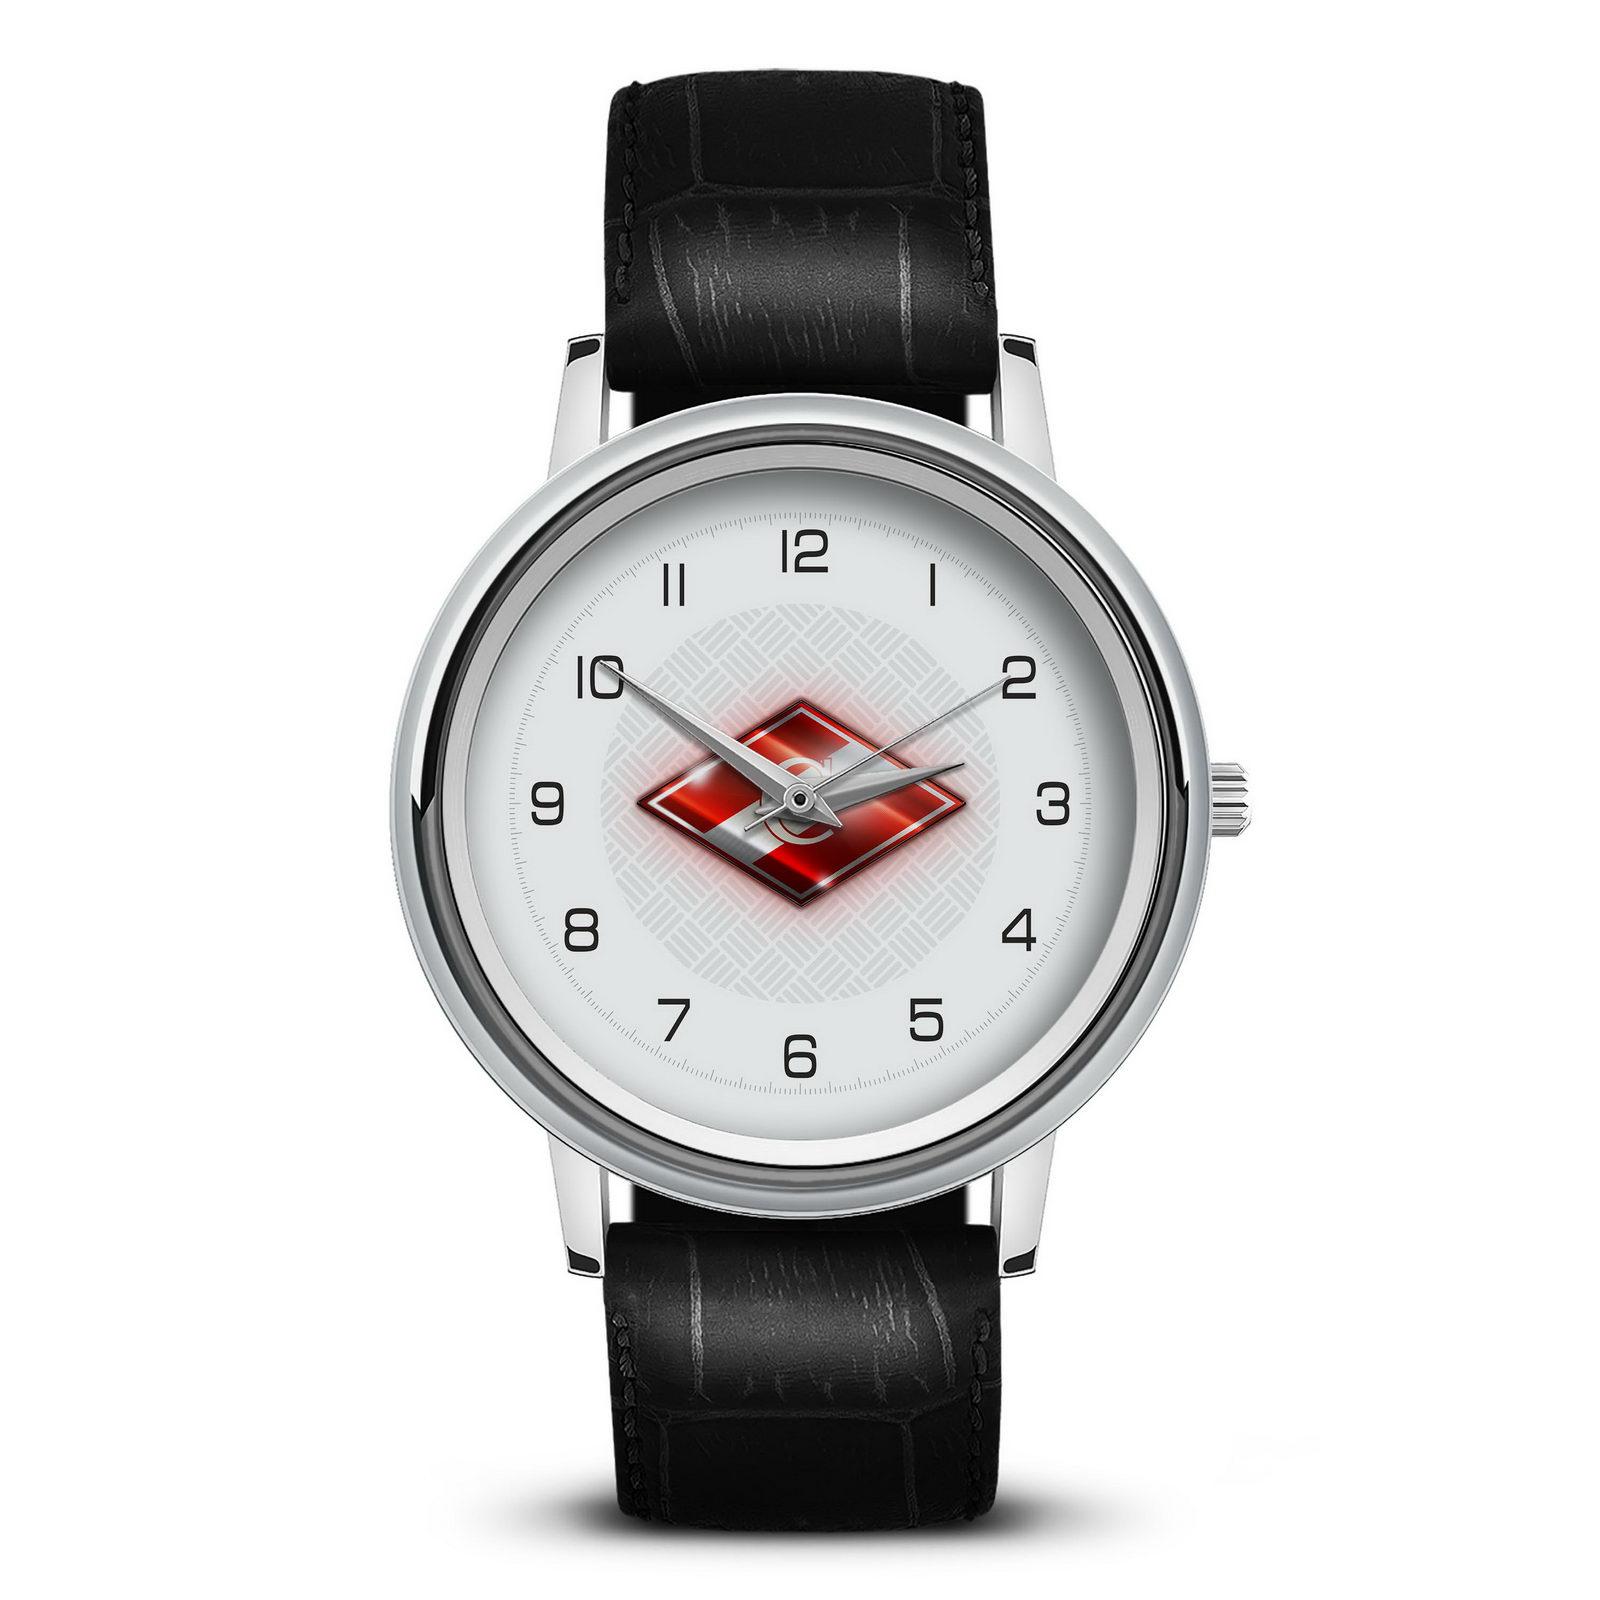 Moscow watch наручные часы часы casio купить в архангельске